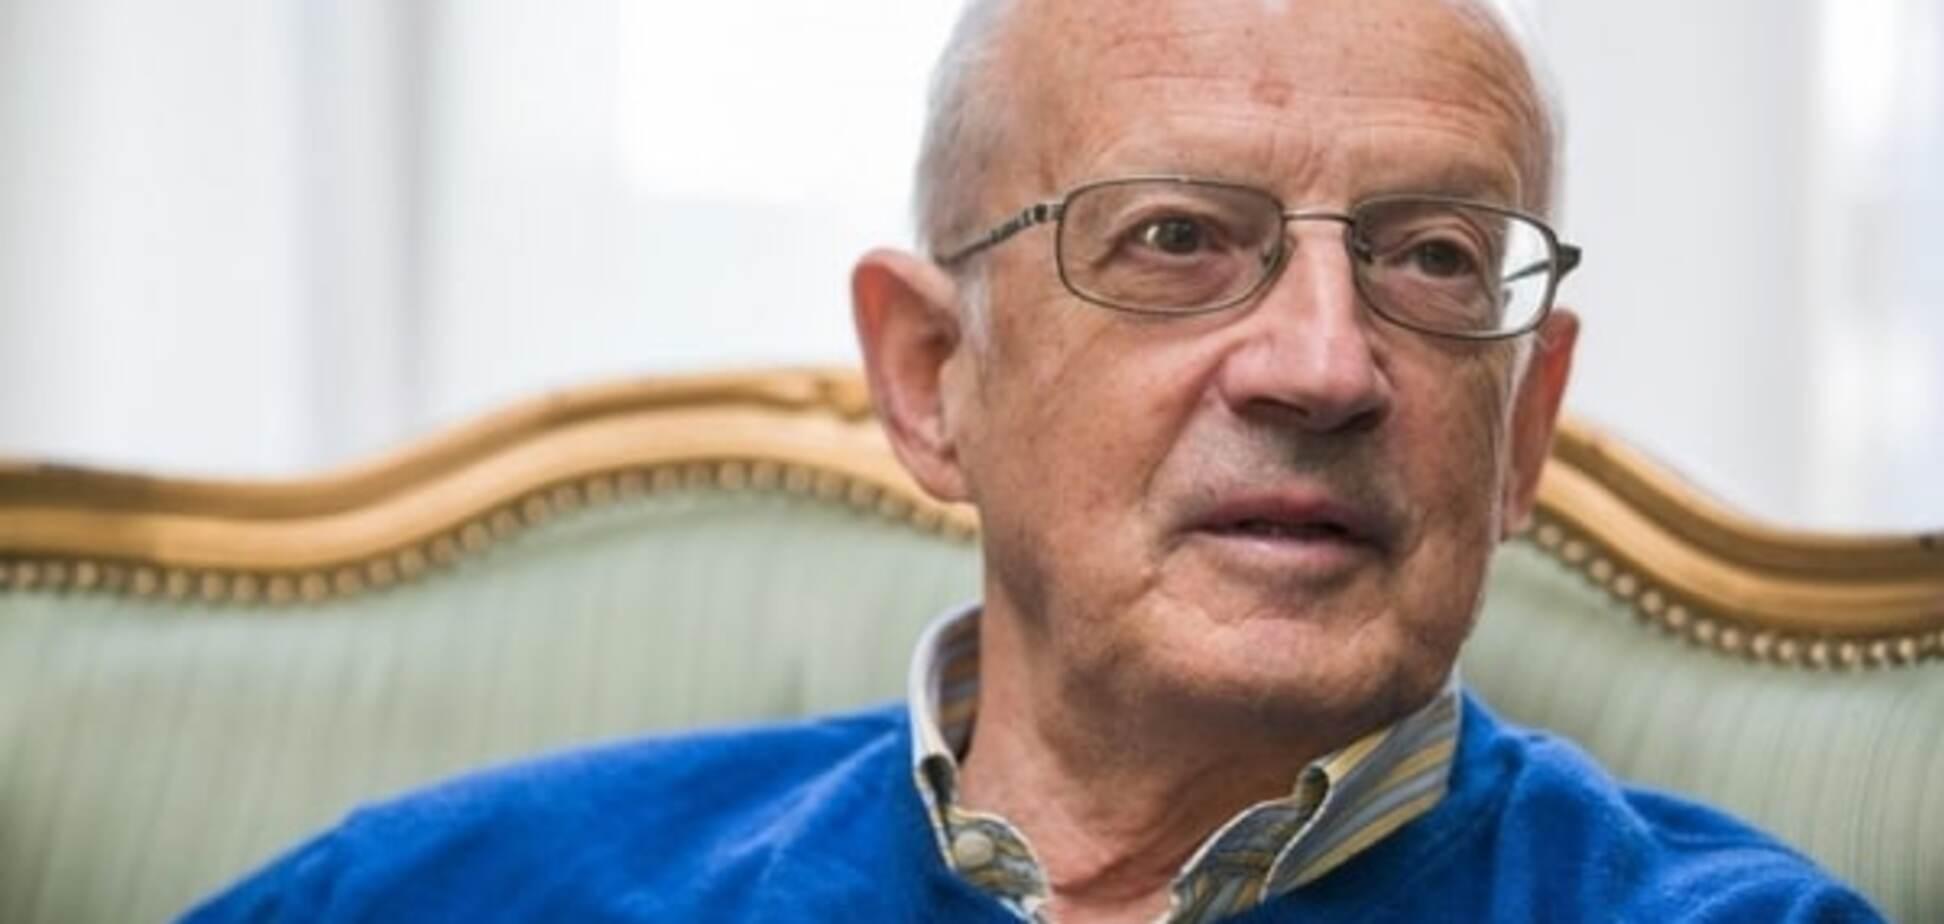 Пионтковский рассказал о сделке, предложенной Путиным Западу